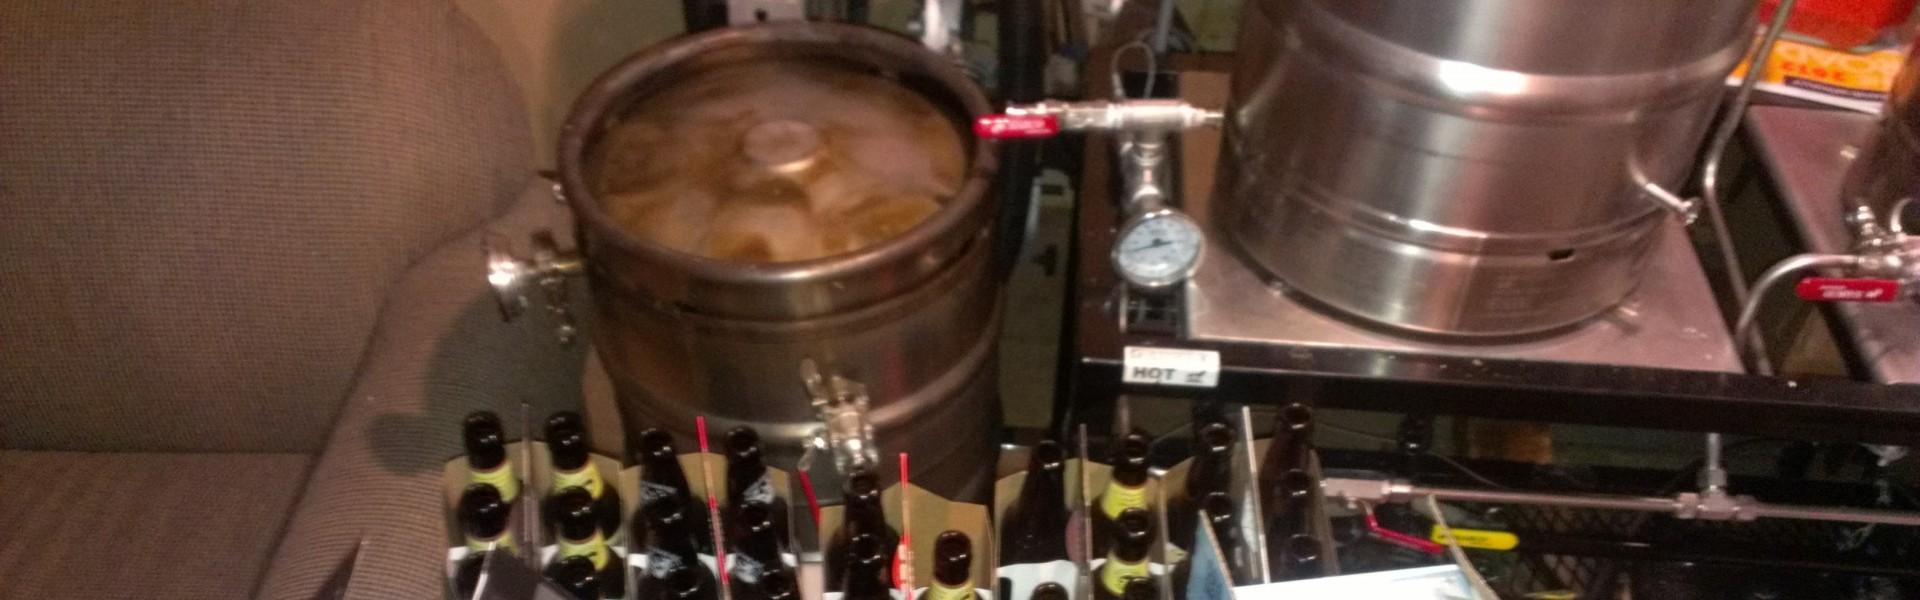 Brewing Magnum Opus